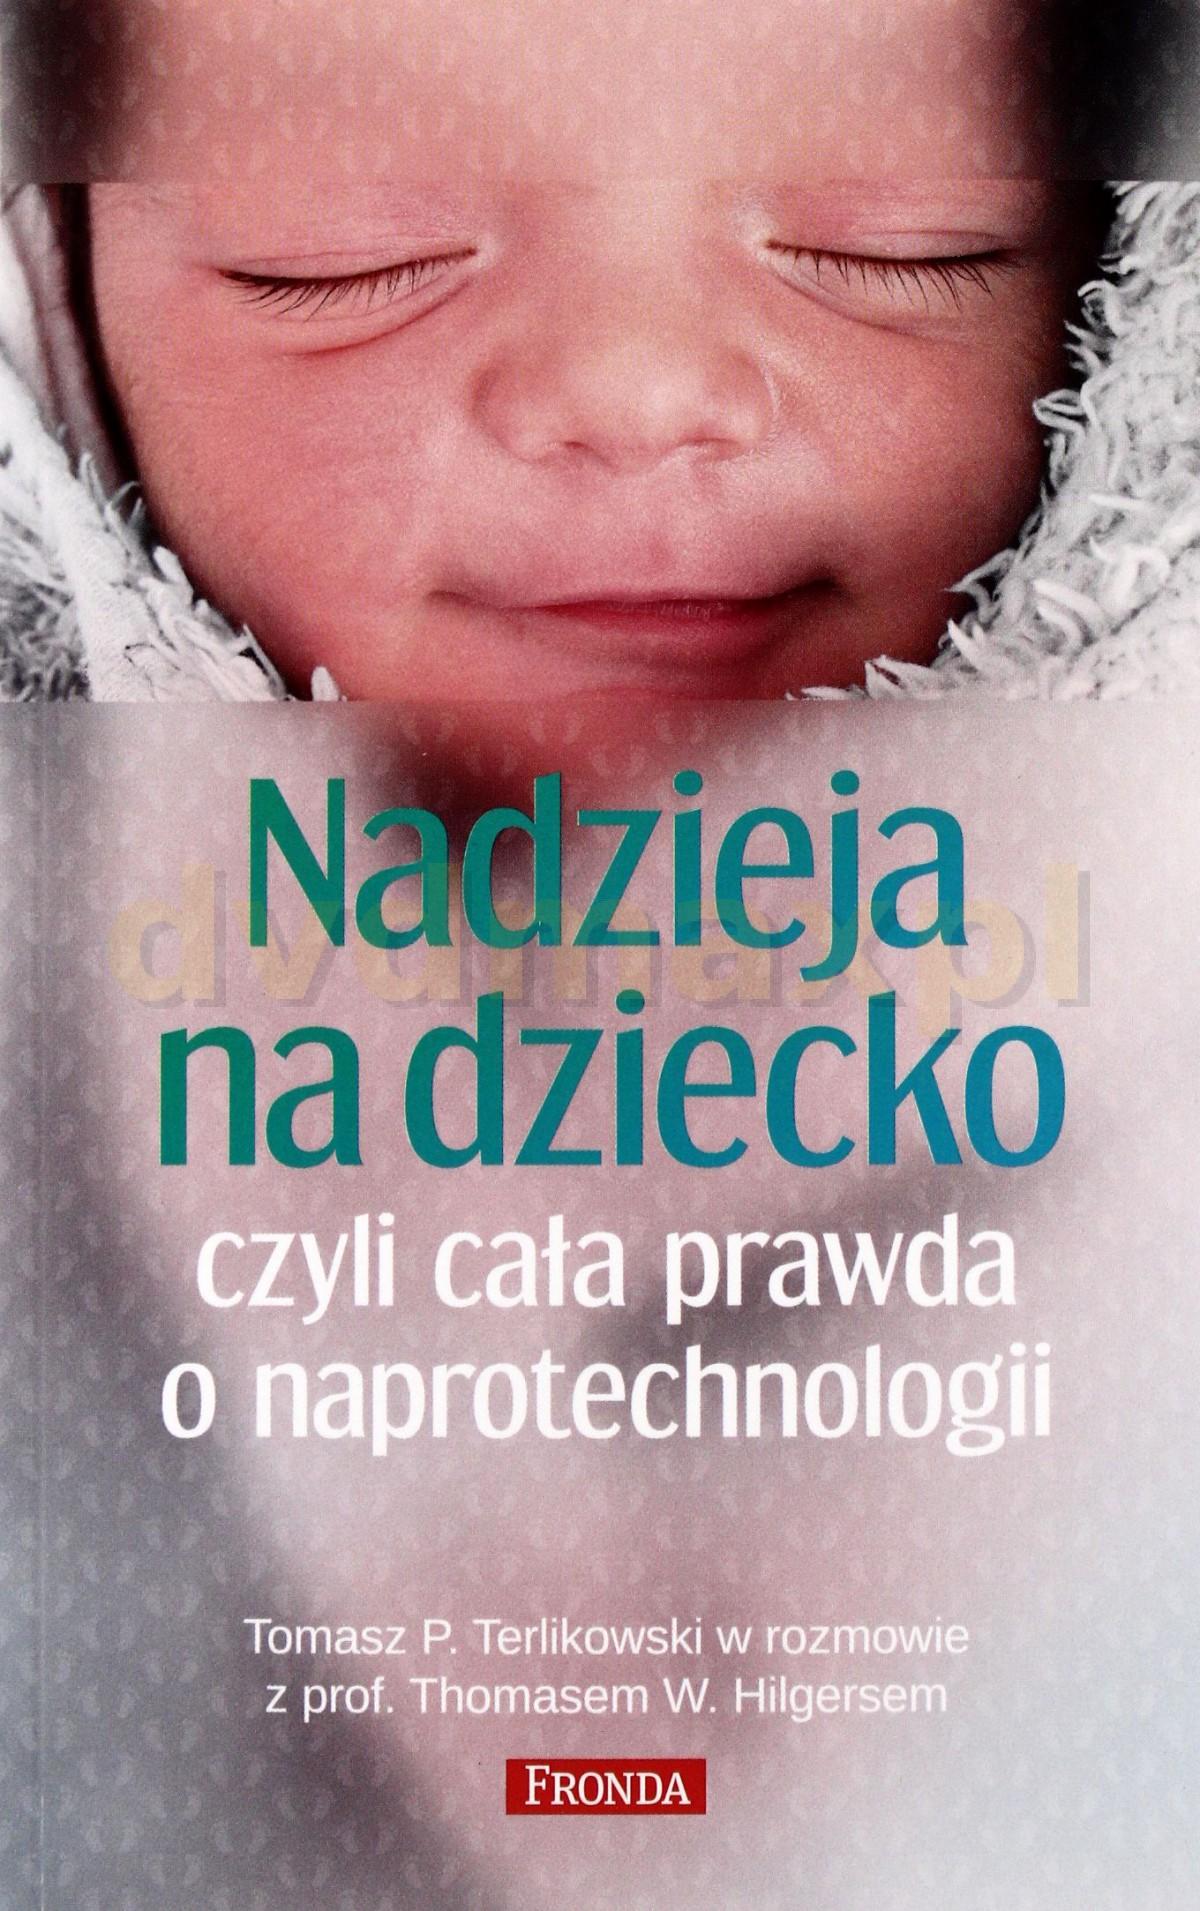 Nadzieja na dziecko czyli cała prawda o naprotechnologii - Tomasz Terlikowski [KSIĄŻKA] - Thomas Hilgers , Tomasz P. Terlikowski